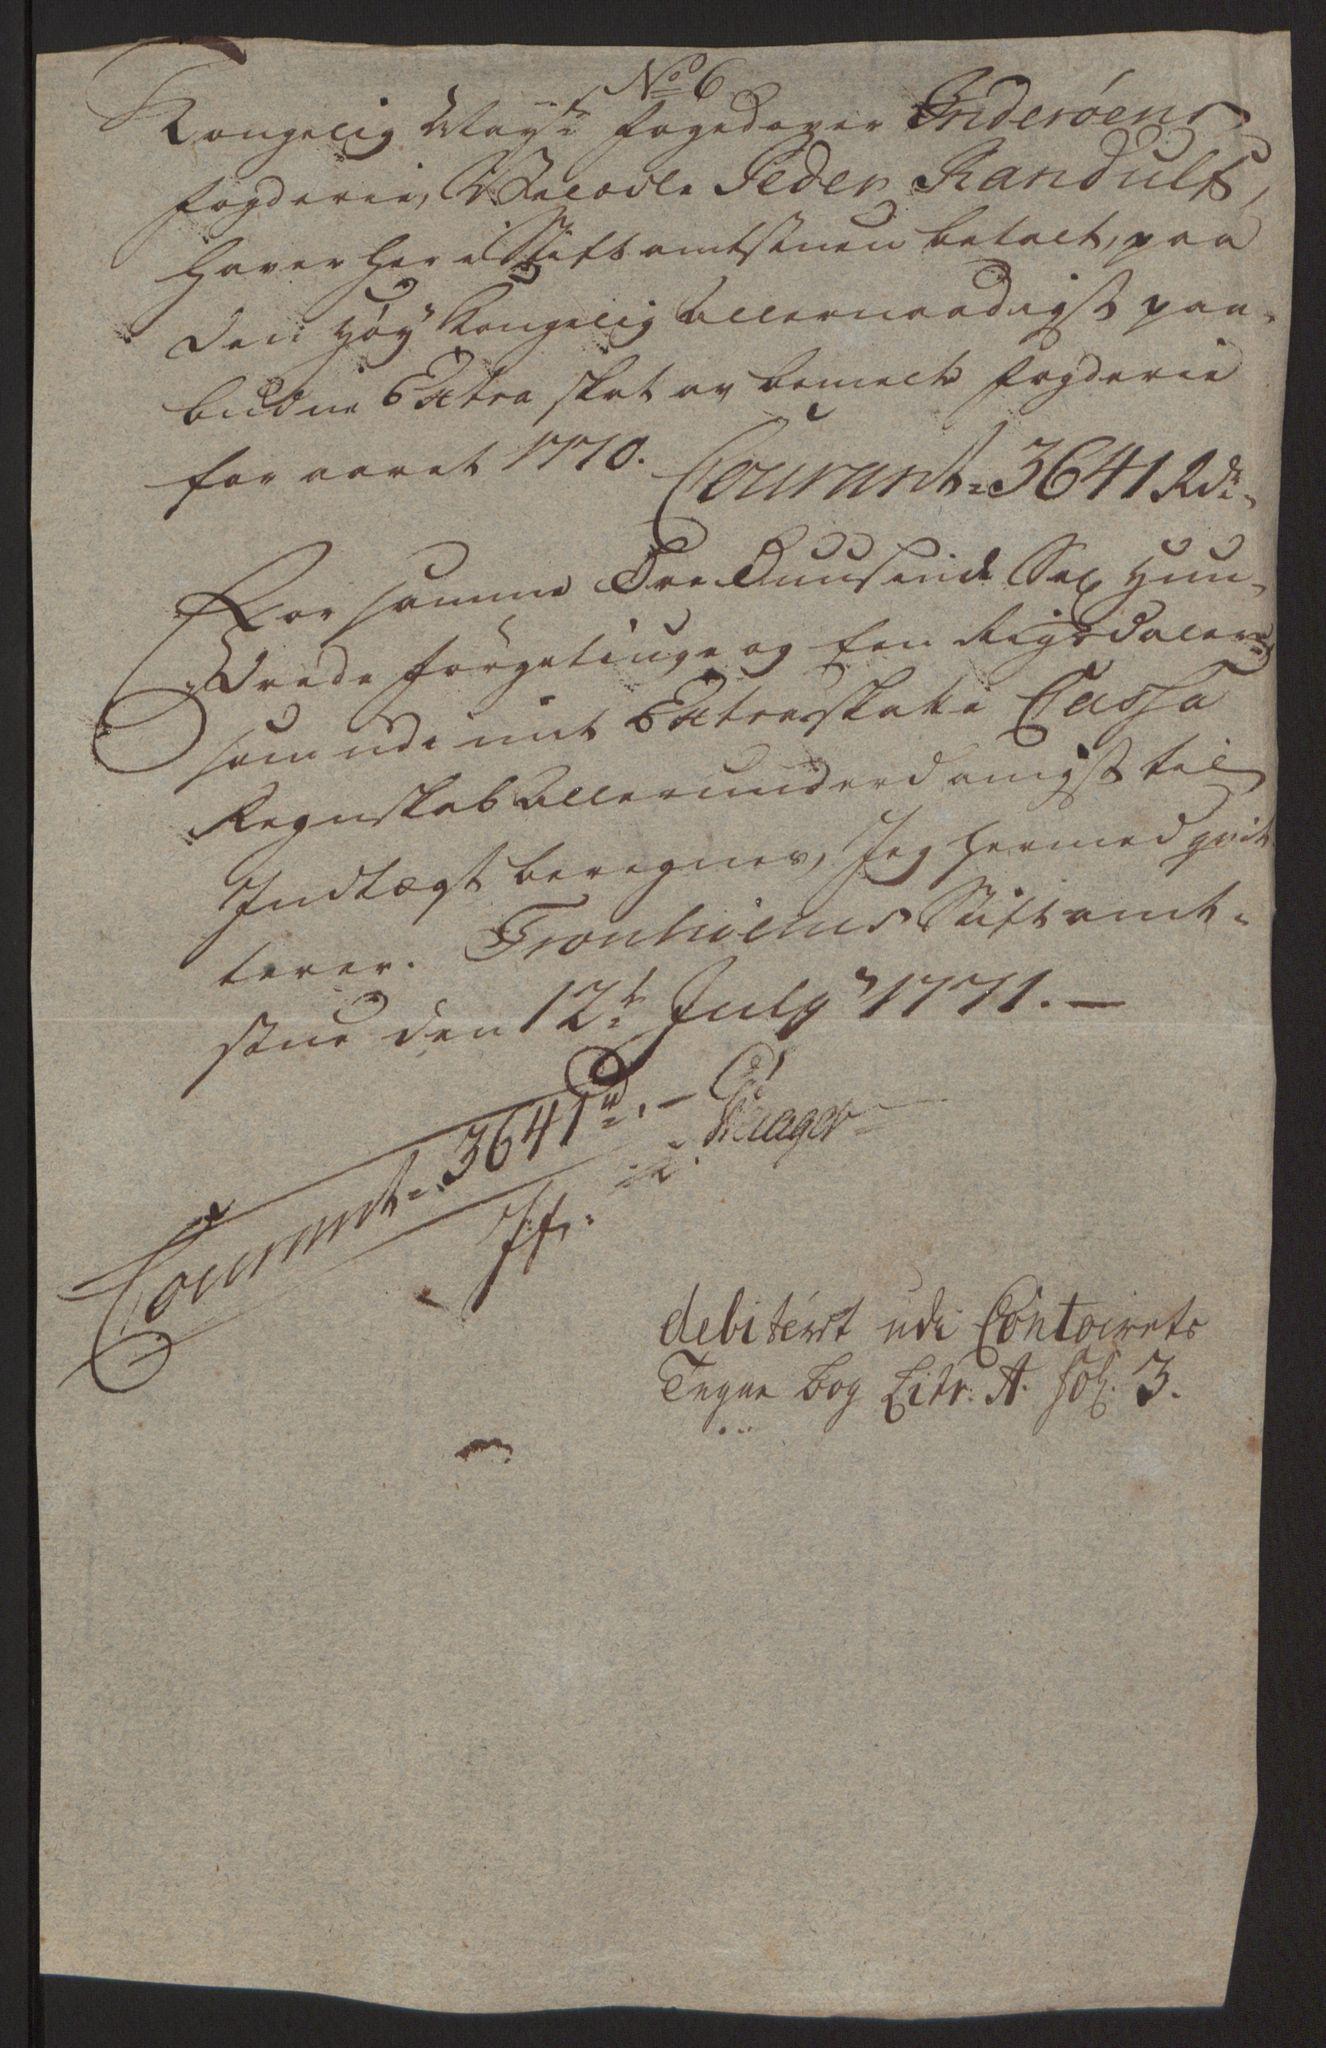 RA, Rentekammeret inntil 1814, Reviderte regnskaper, Fogderegnskap, R63/L4420: Ekstraskatten Inderøy, 1762-1772, s. 400